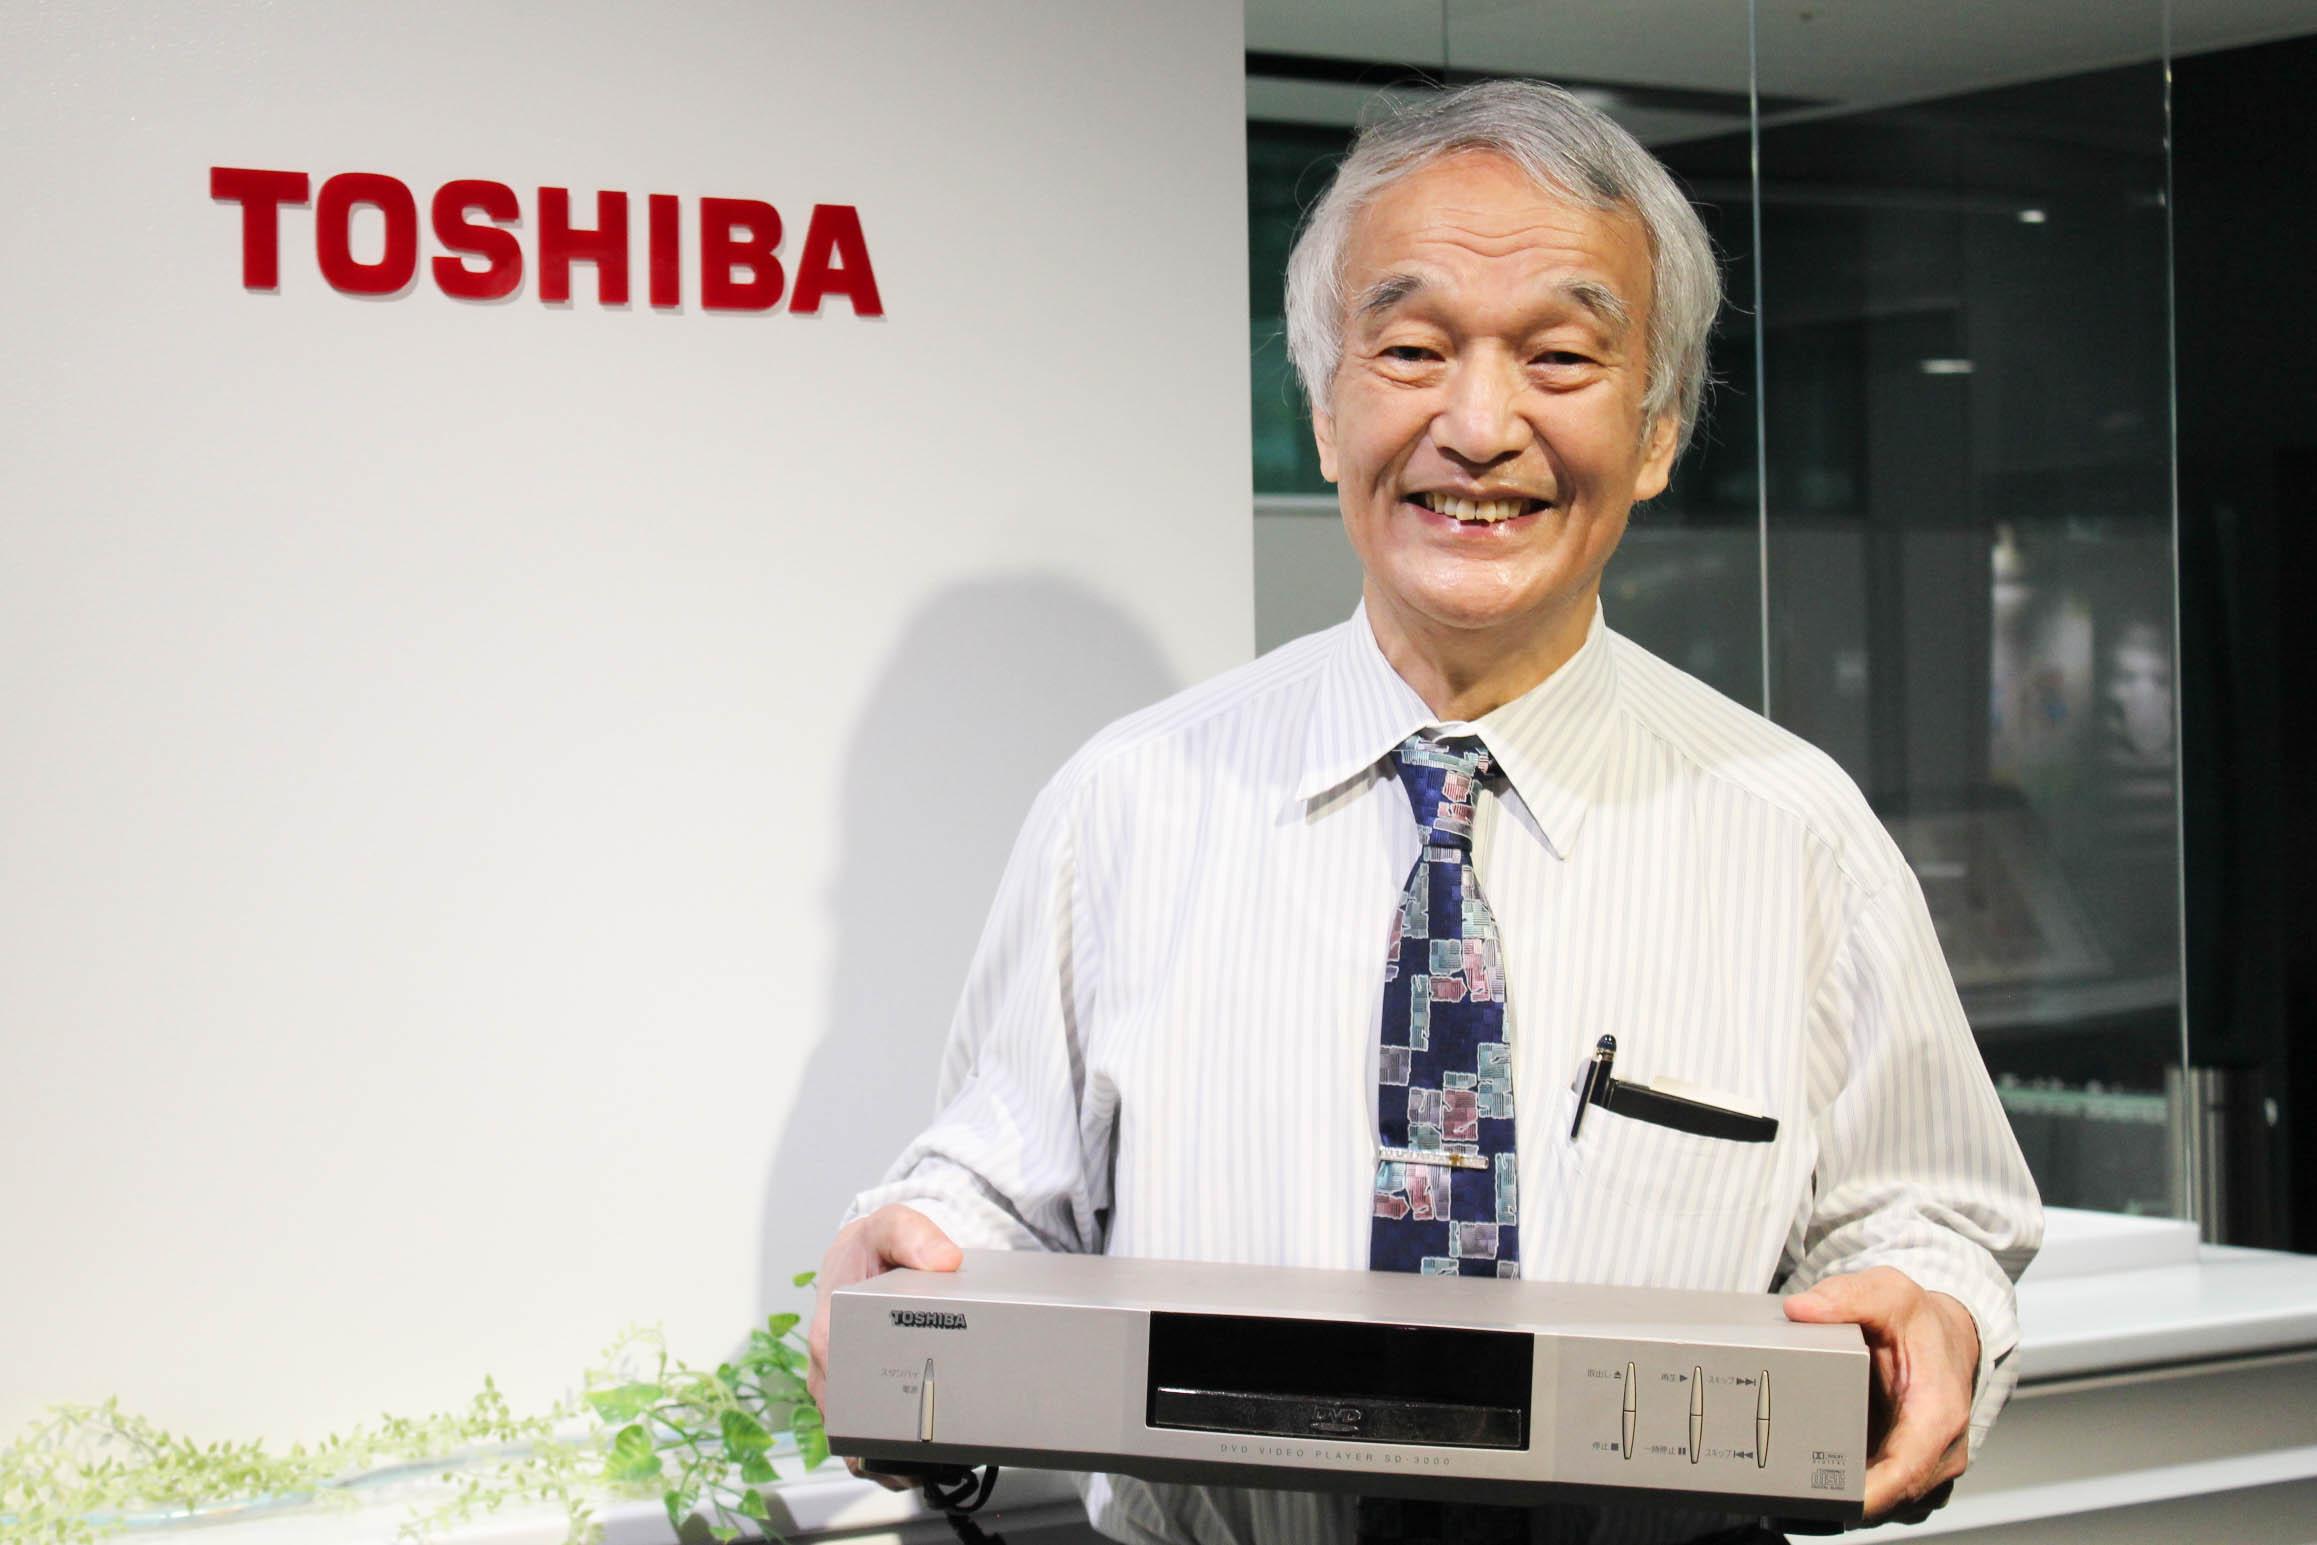 「DVDの生みの親」元東芝・山田氏に聞く。BDに負けた理由、サムスンに負けた理由